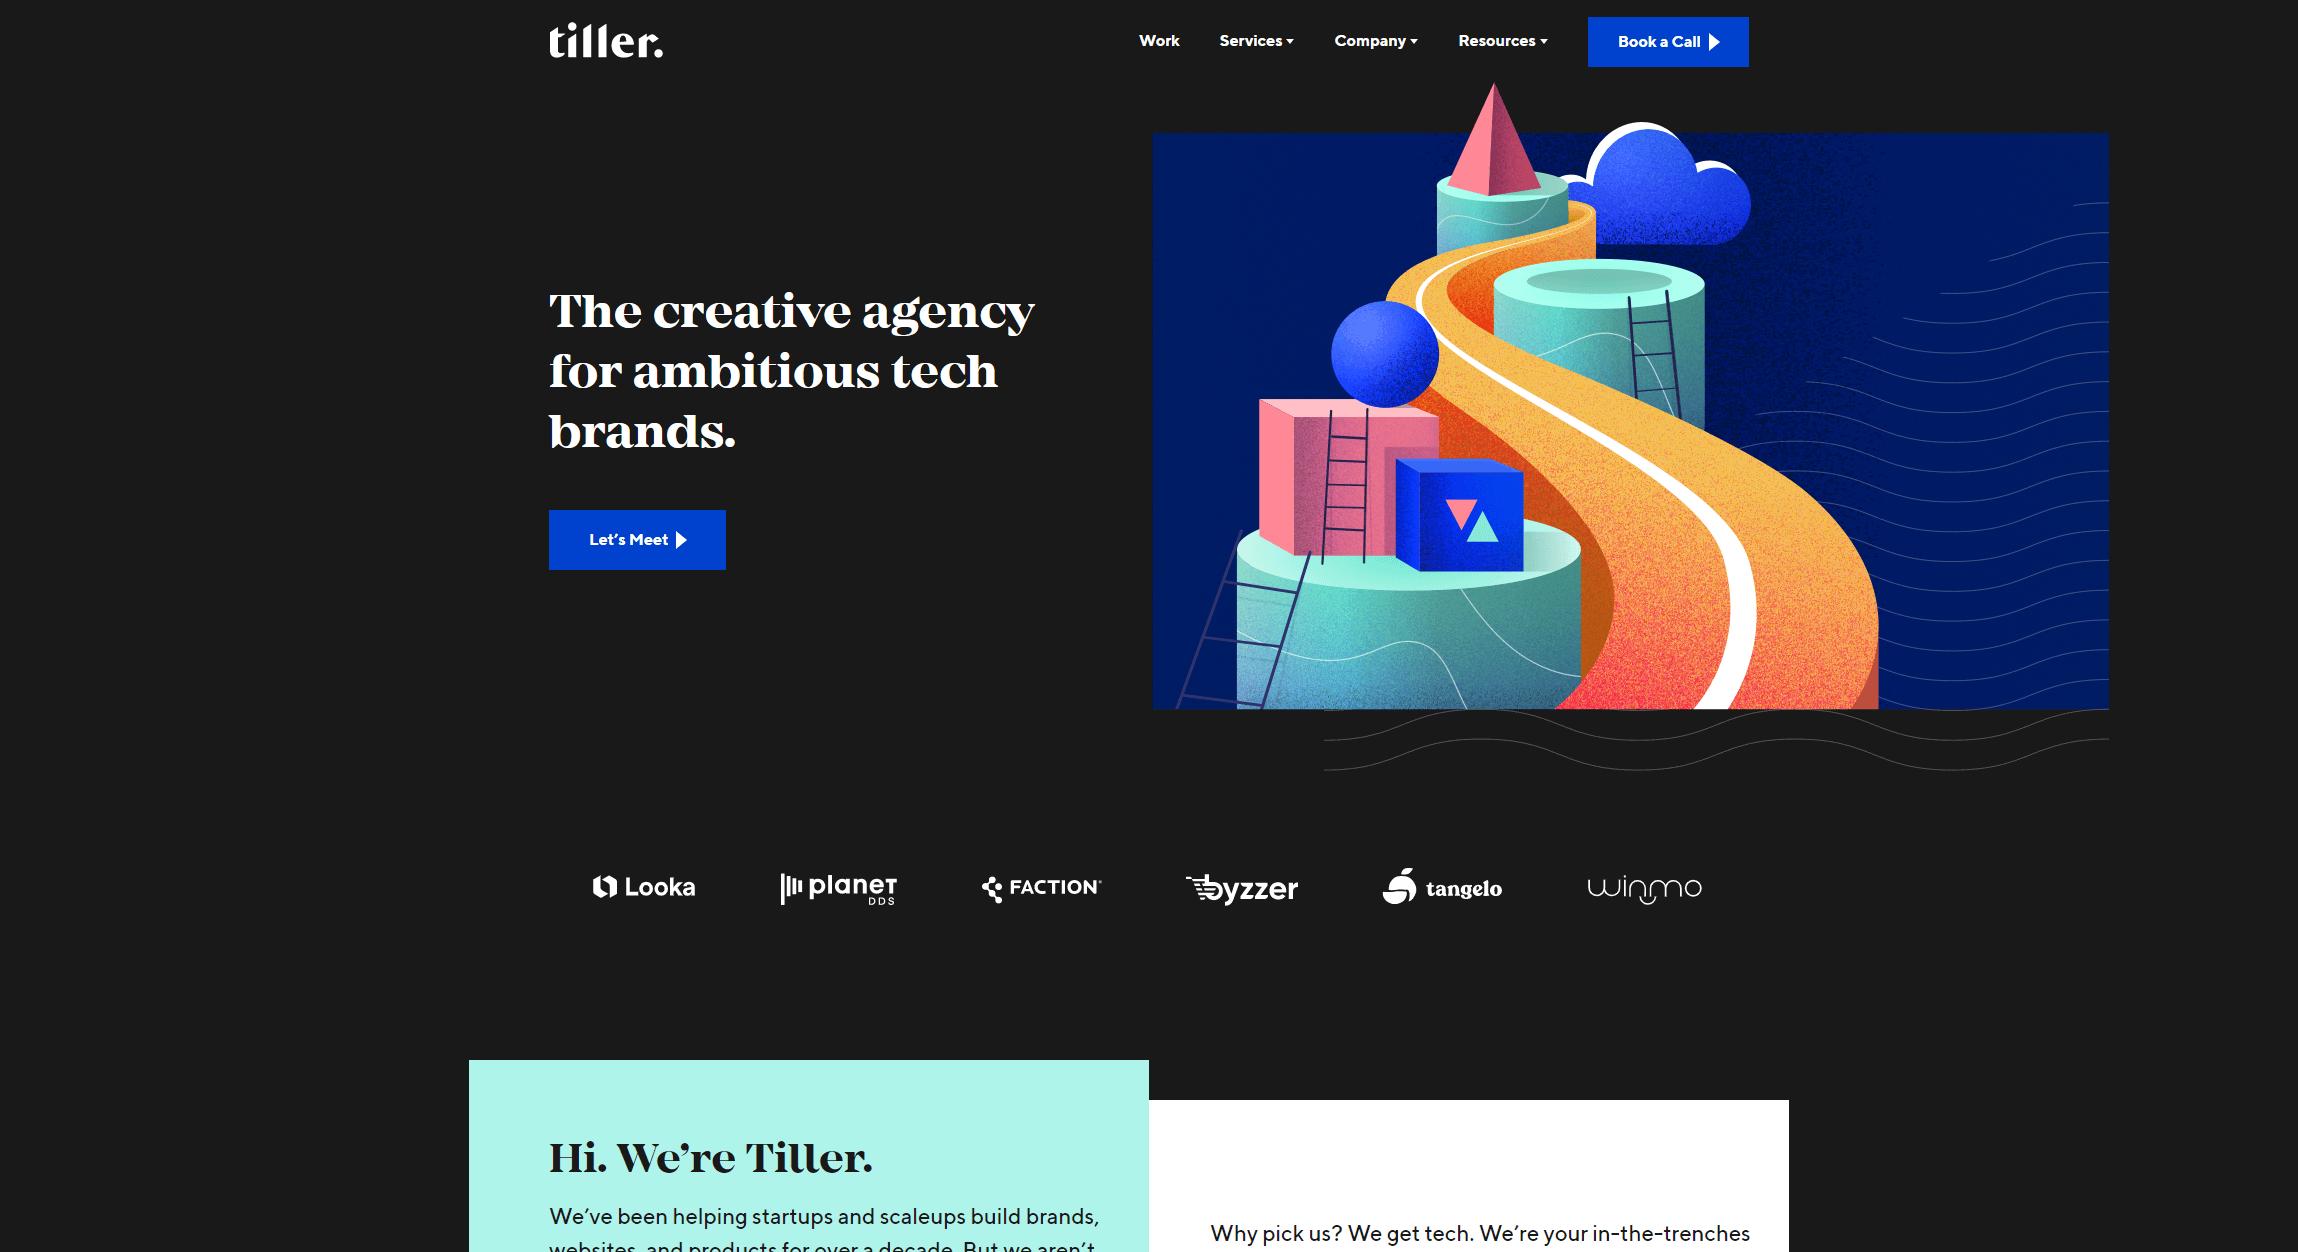 tillerdigital.com